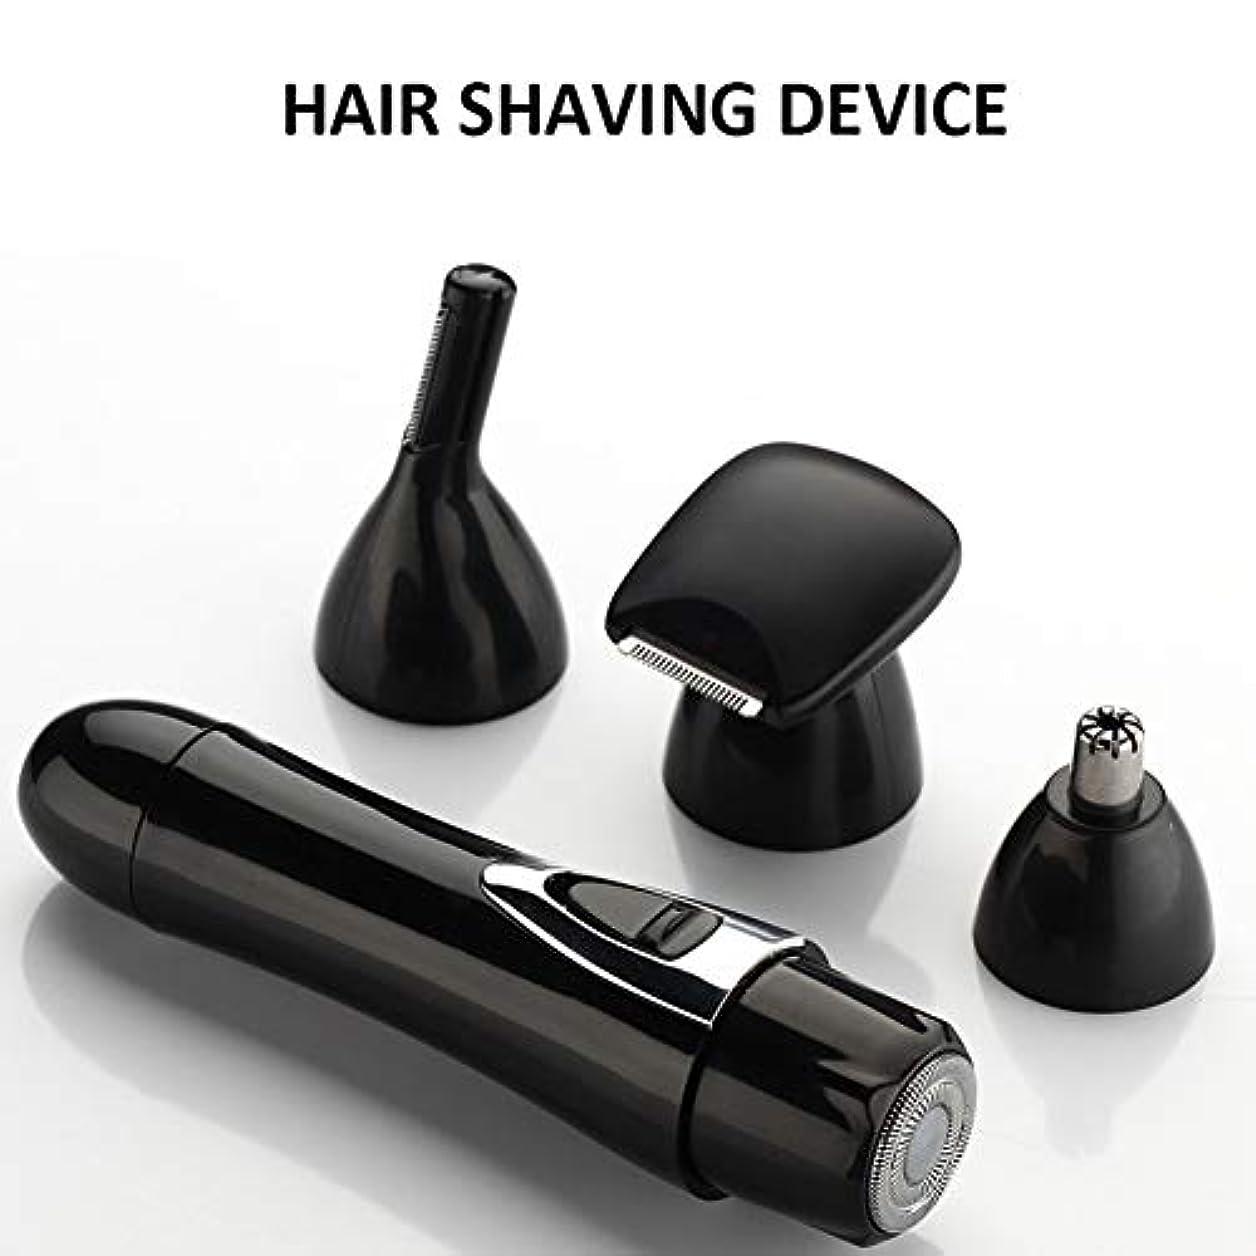 たくさん成長するコック携帯用女性の痛みのない毛の除去剤、女性電気毛剃り器の女性の顔、唇、あごおよび頬のための防水顔の毛の取り外しの脱毛器かみそり,Black